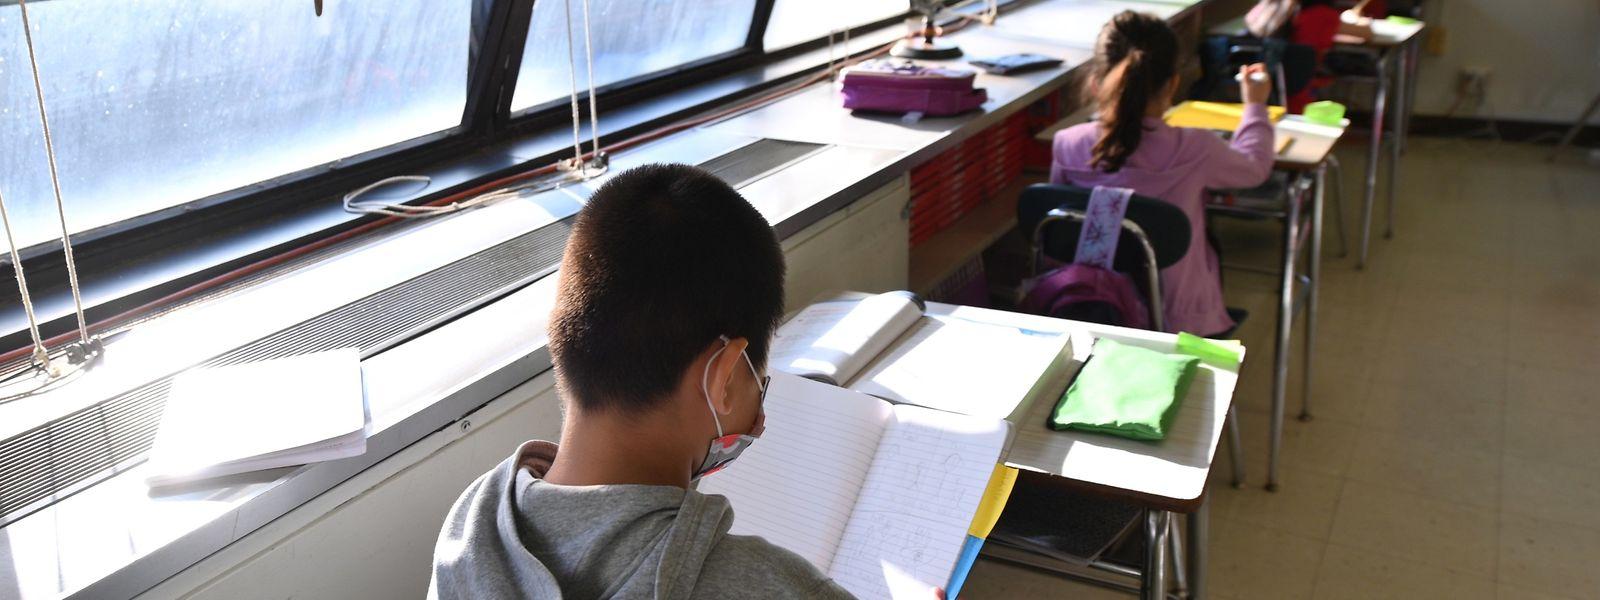 Dans la plupart des cas, les classes ont pu poursuivre l'enseignement malgré le cas positif signalé dans les rangs.